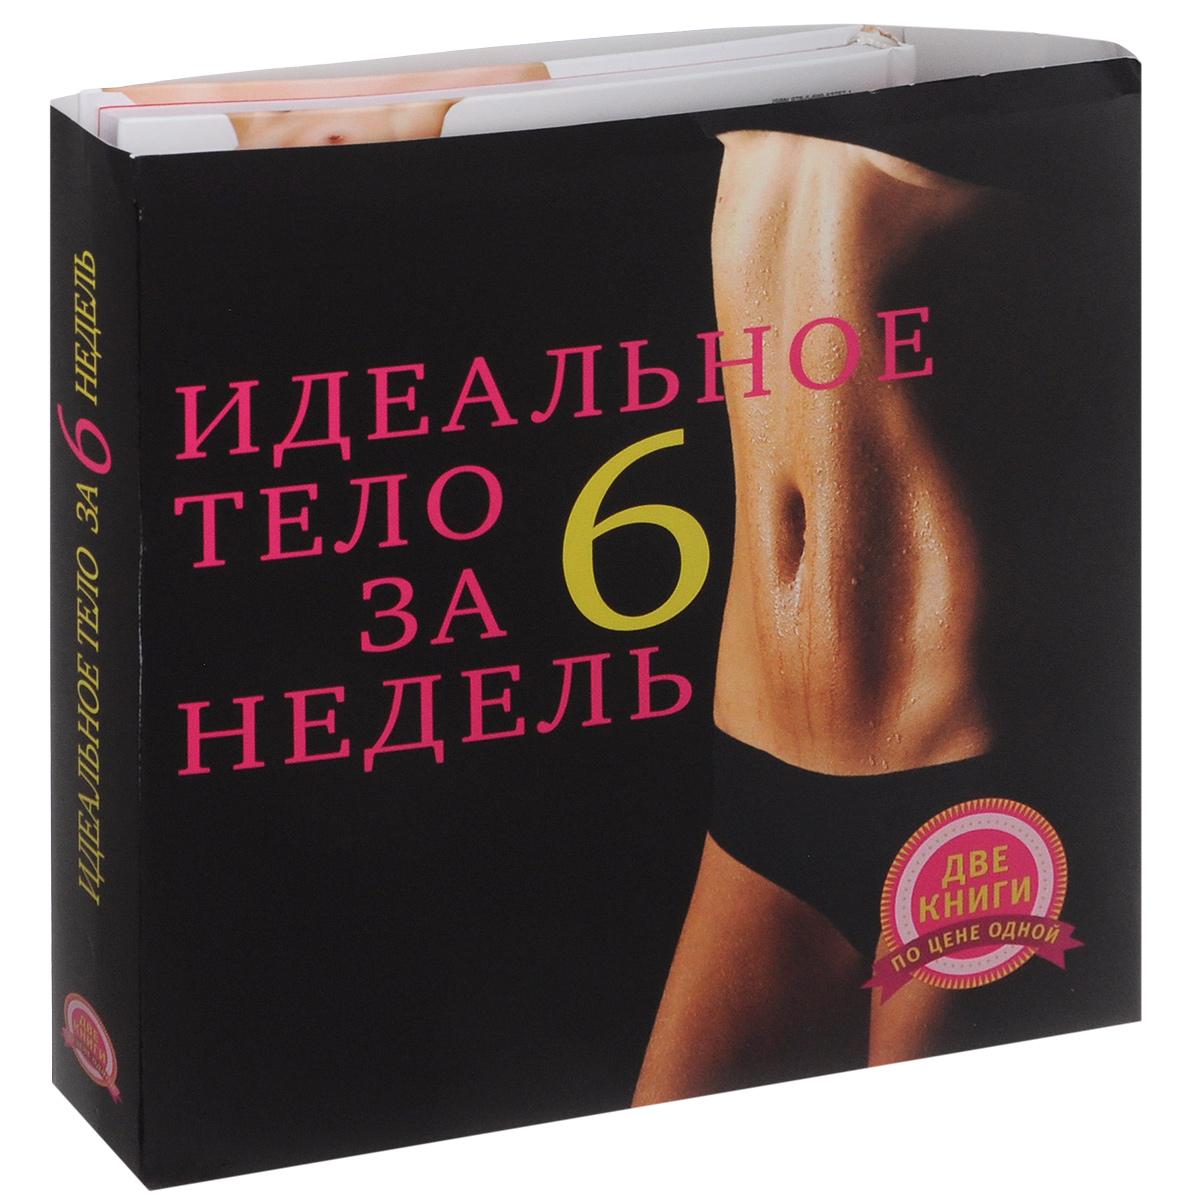 Идеальное тело за 6 недель (комплект из 2 книг)